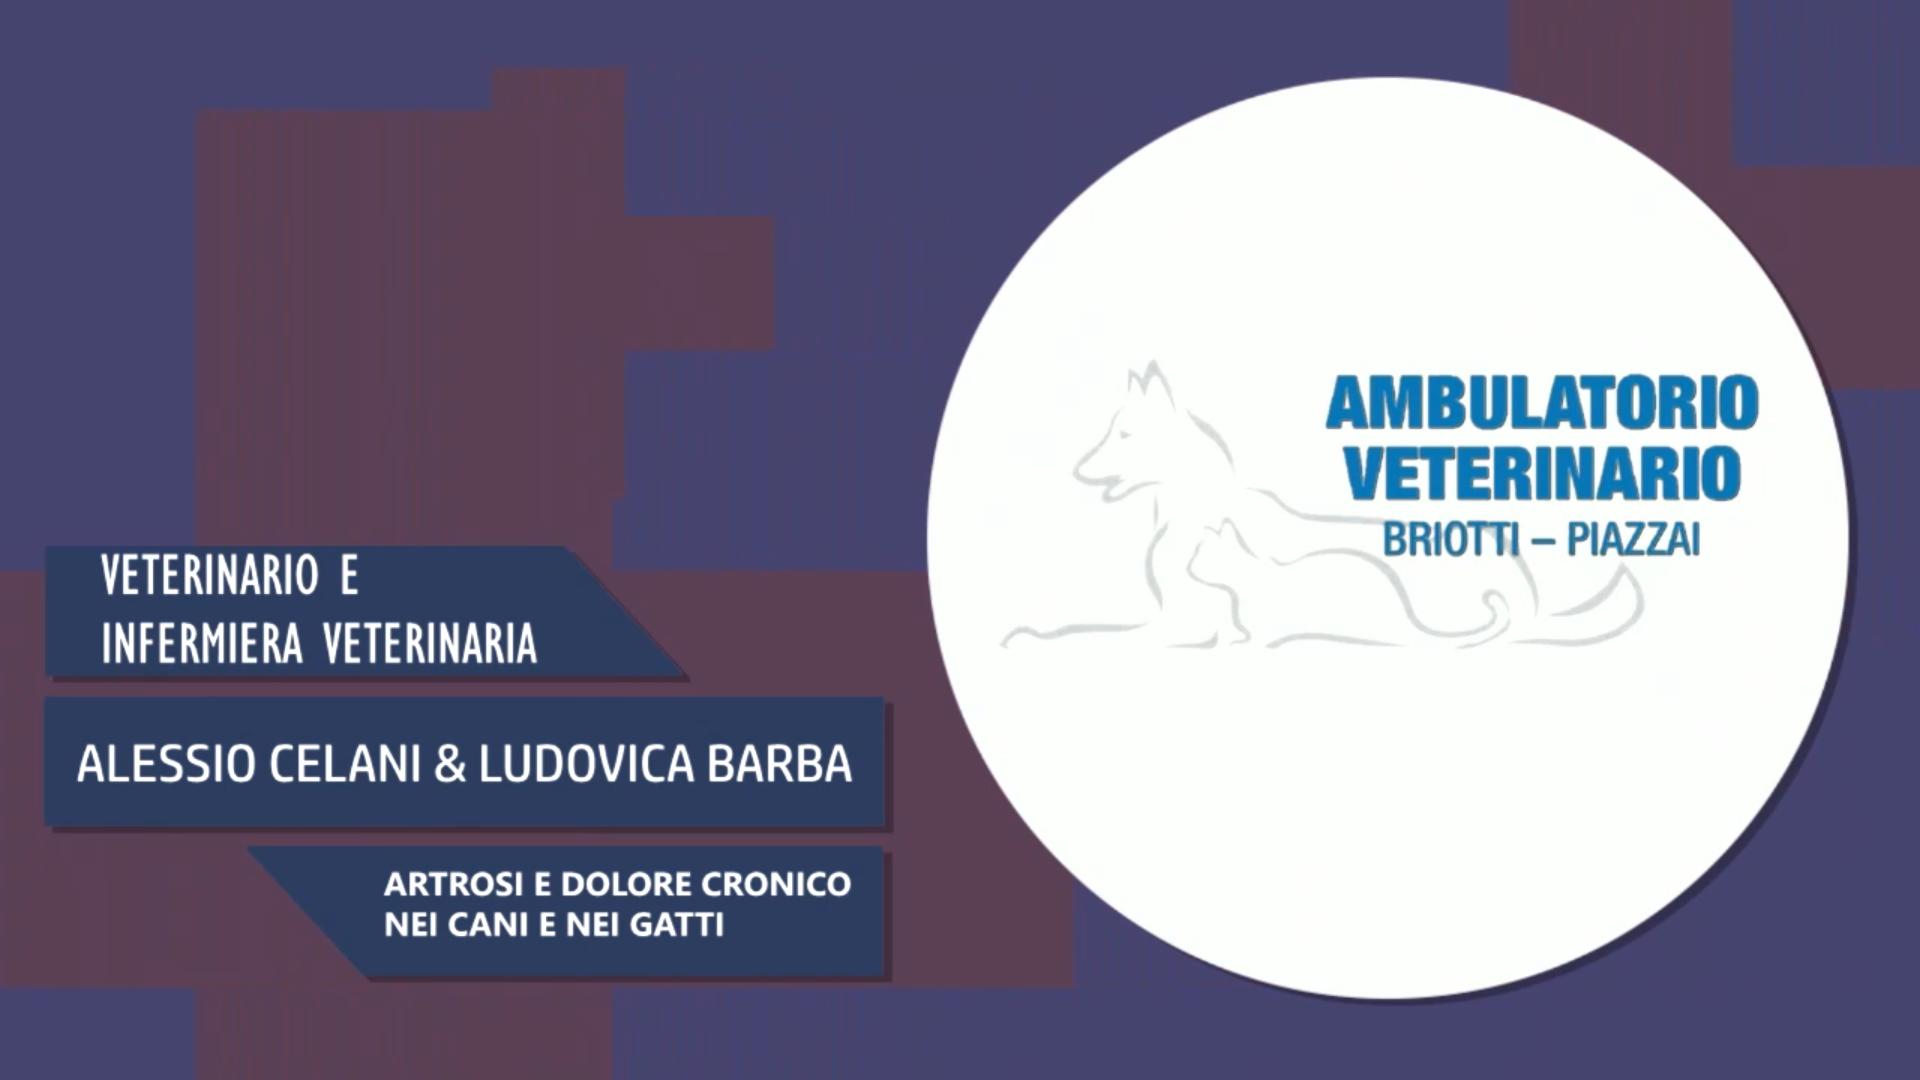 Intervista a Alessio Celani & Ludovica Barba – Artrosi e dolore cronico in cani e gatti